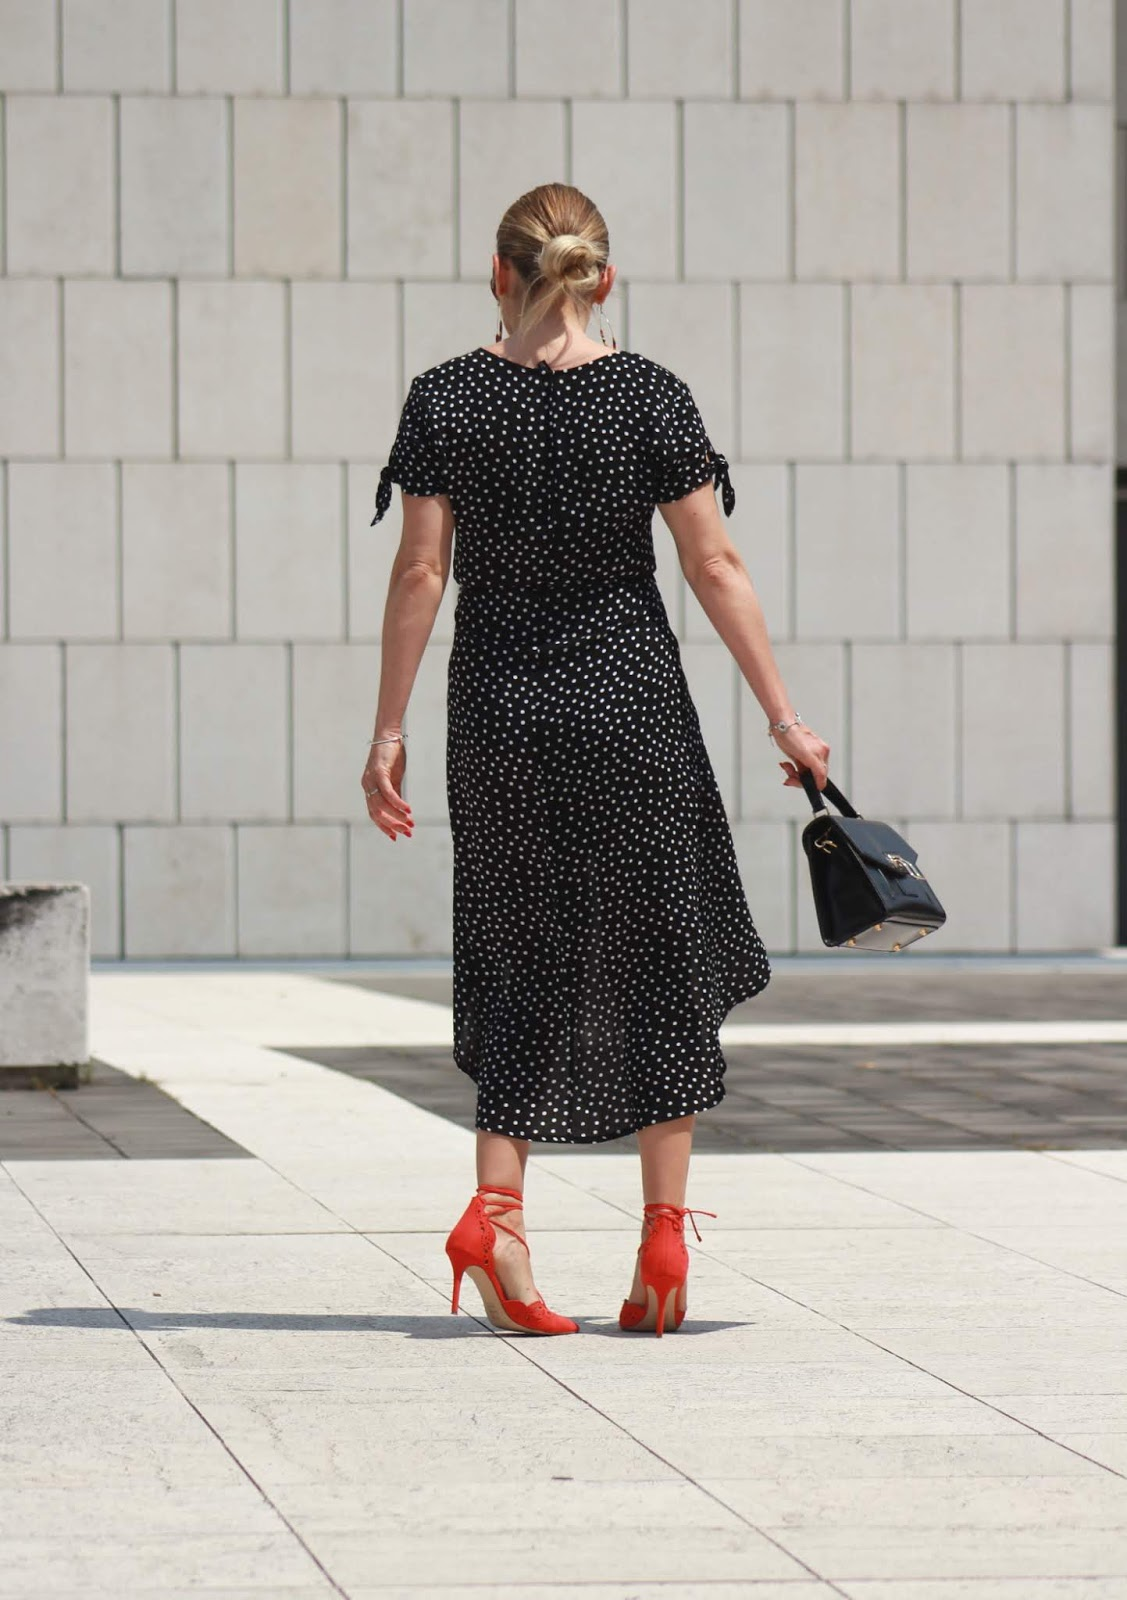 Eniwhere Fashion - Vestito a pois - Come indossarlo